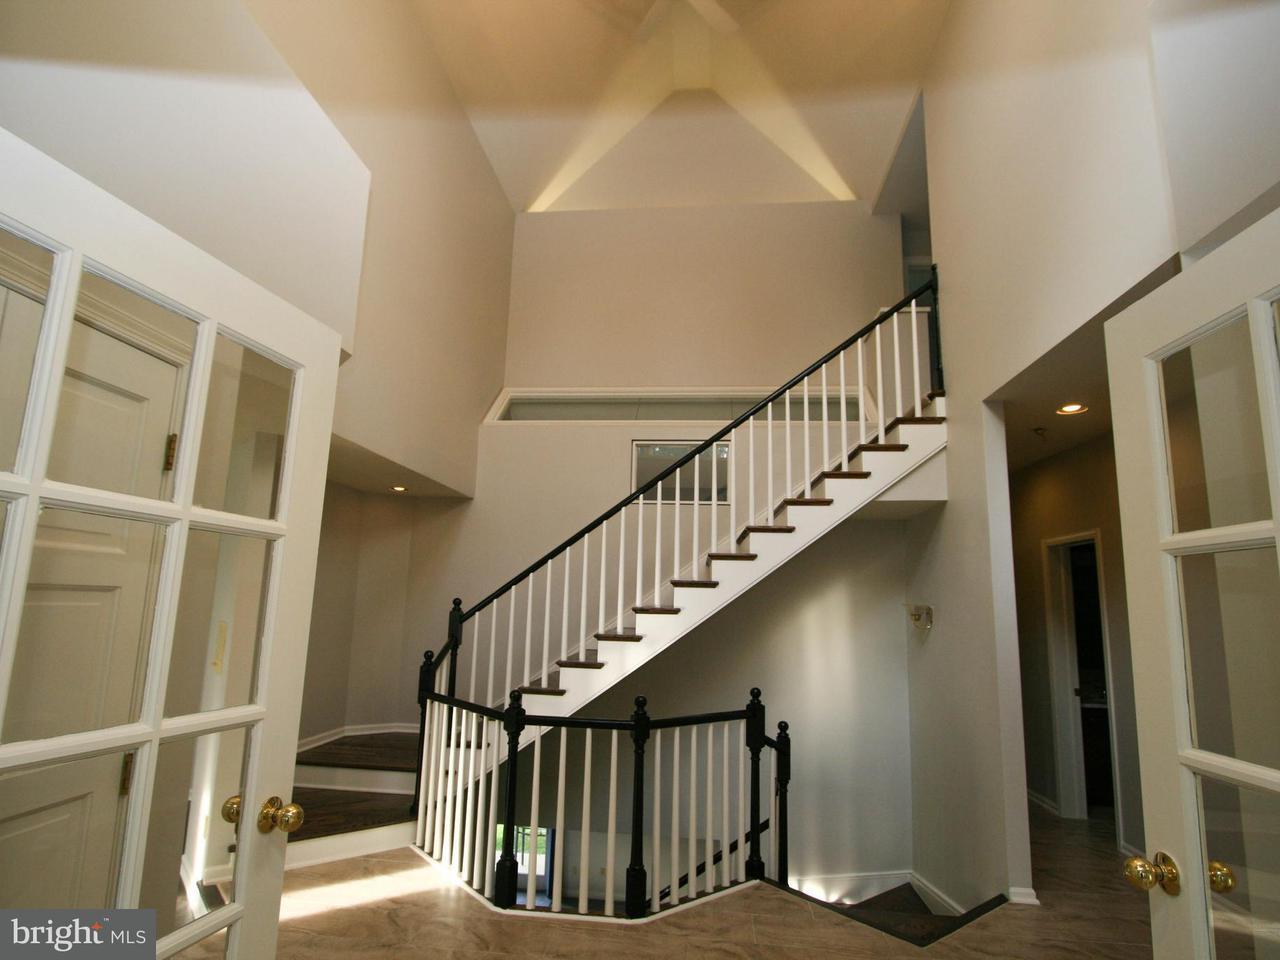 Μονοκατοικία για την Πώληση στο 6605 CORINA COURT 6605 CORINA COURT Columbia, Μεριλαντ 21044 Ηνωμενεσ Πολιτειεσ